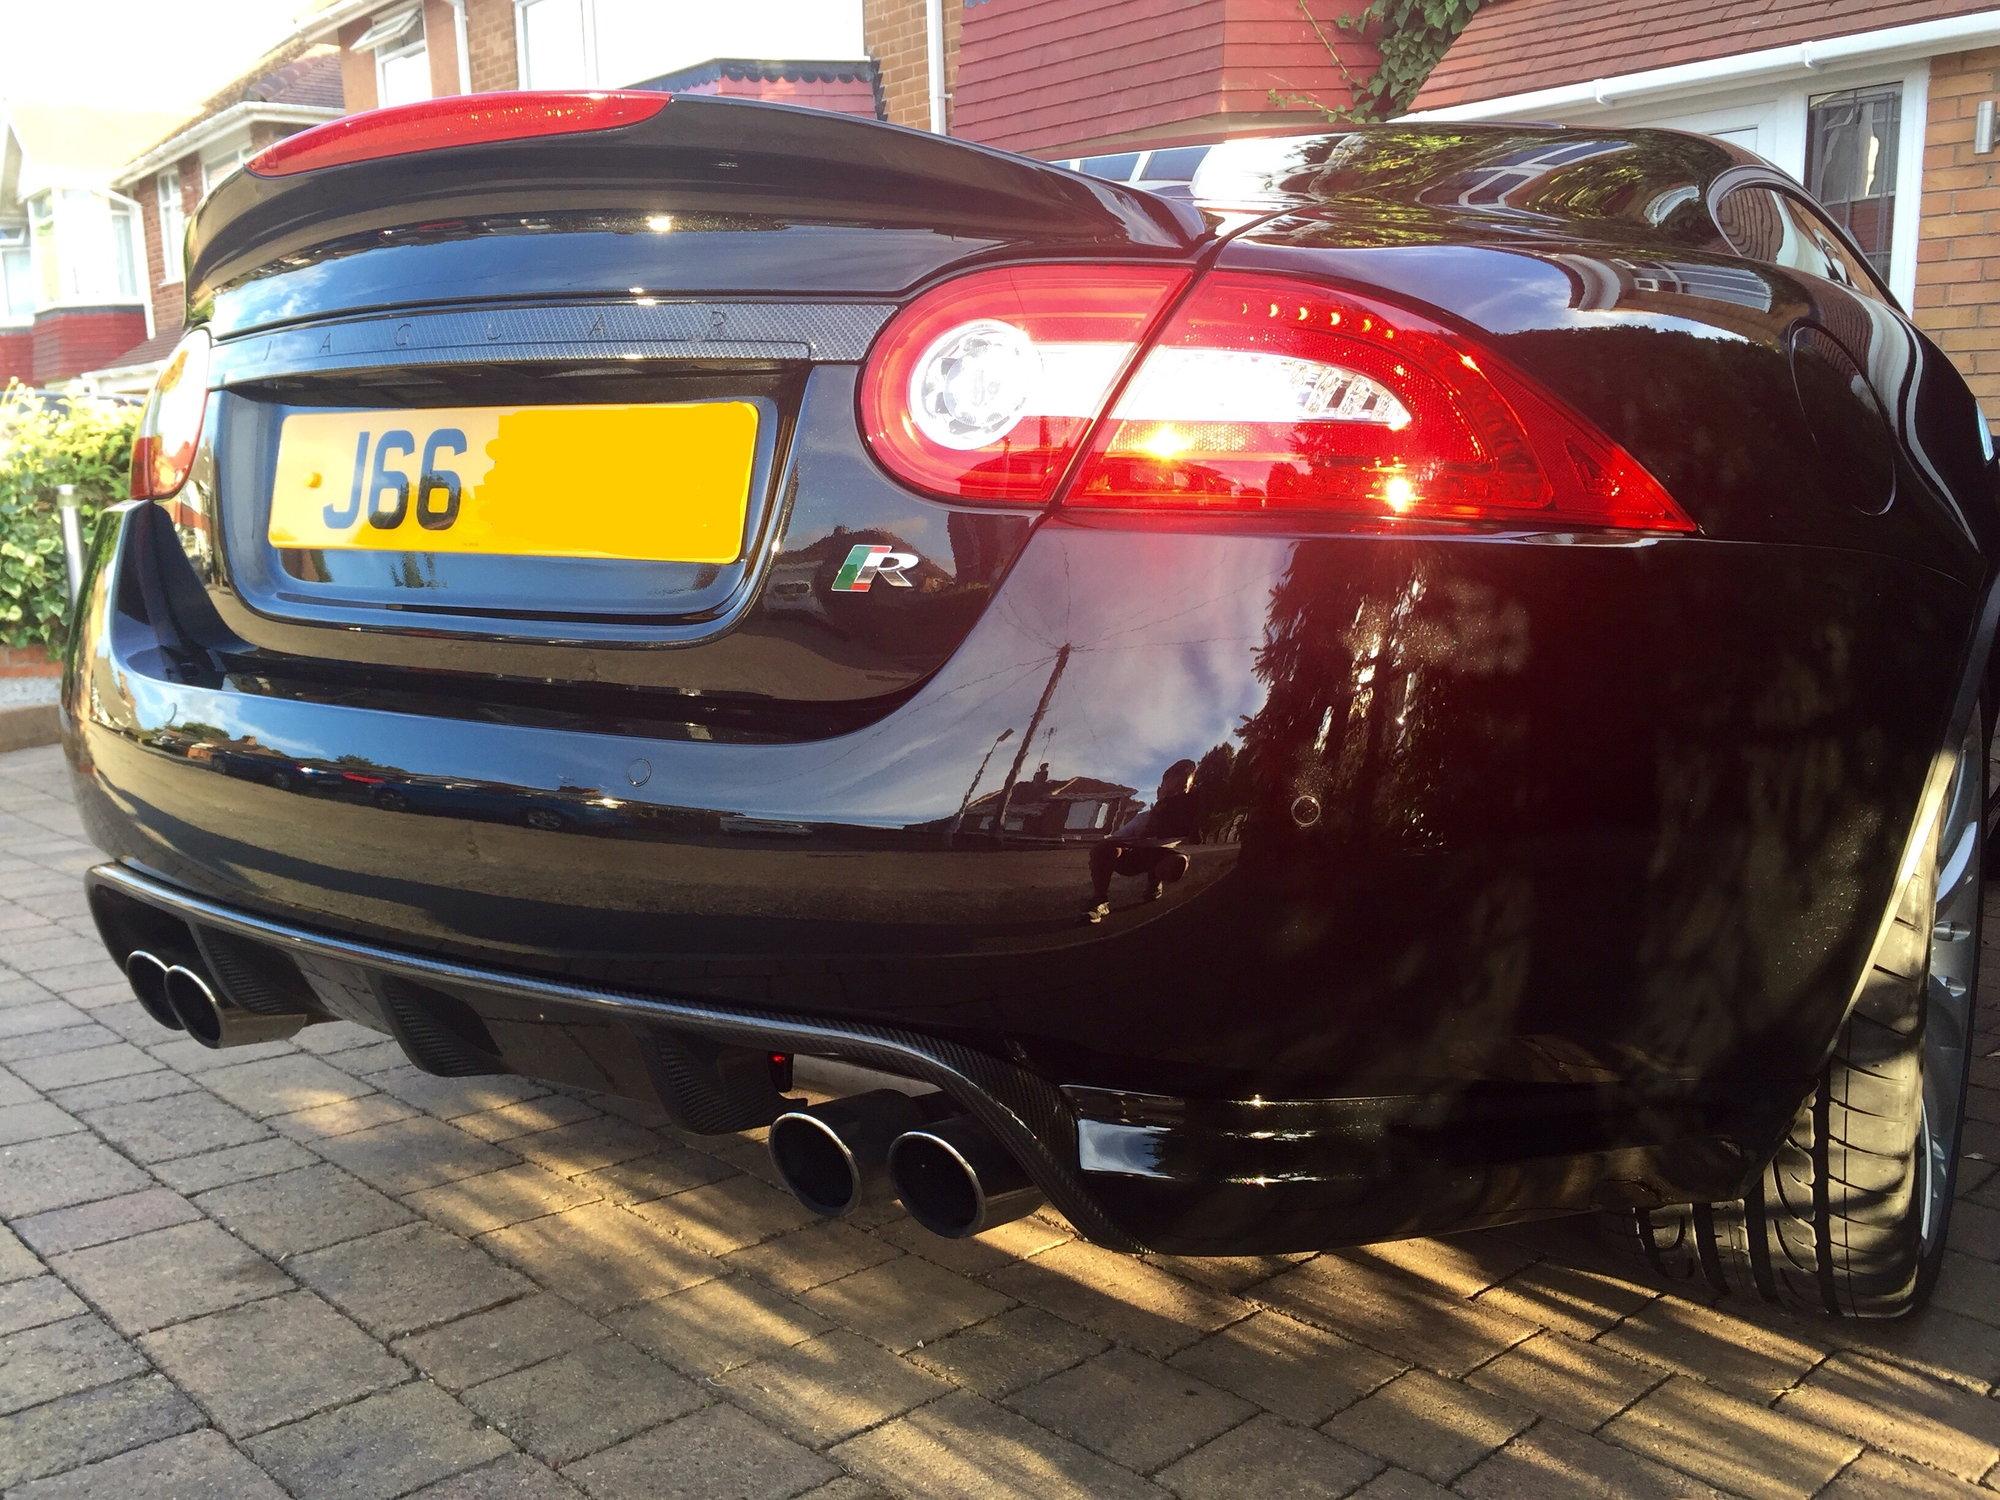 Outstanding Jaguar XK-R poss for sale - Jaguar Forums ...